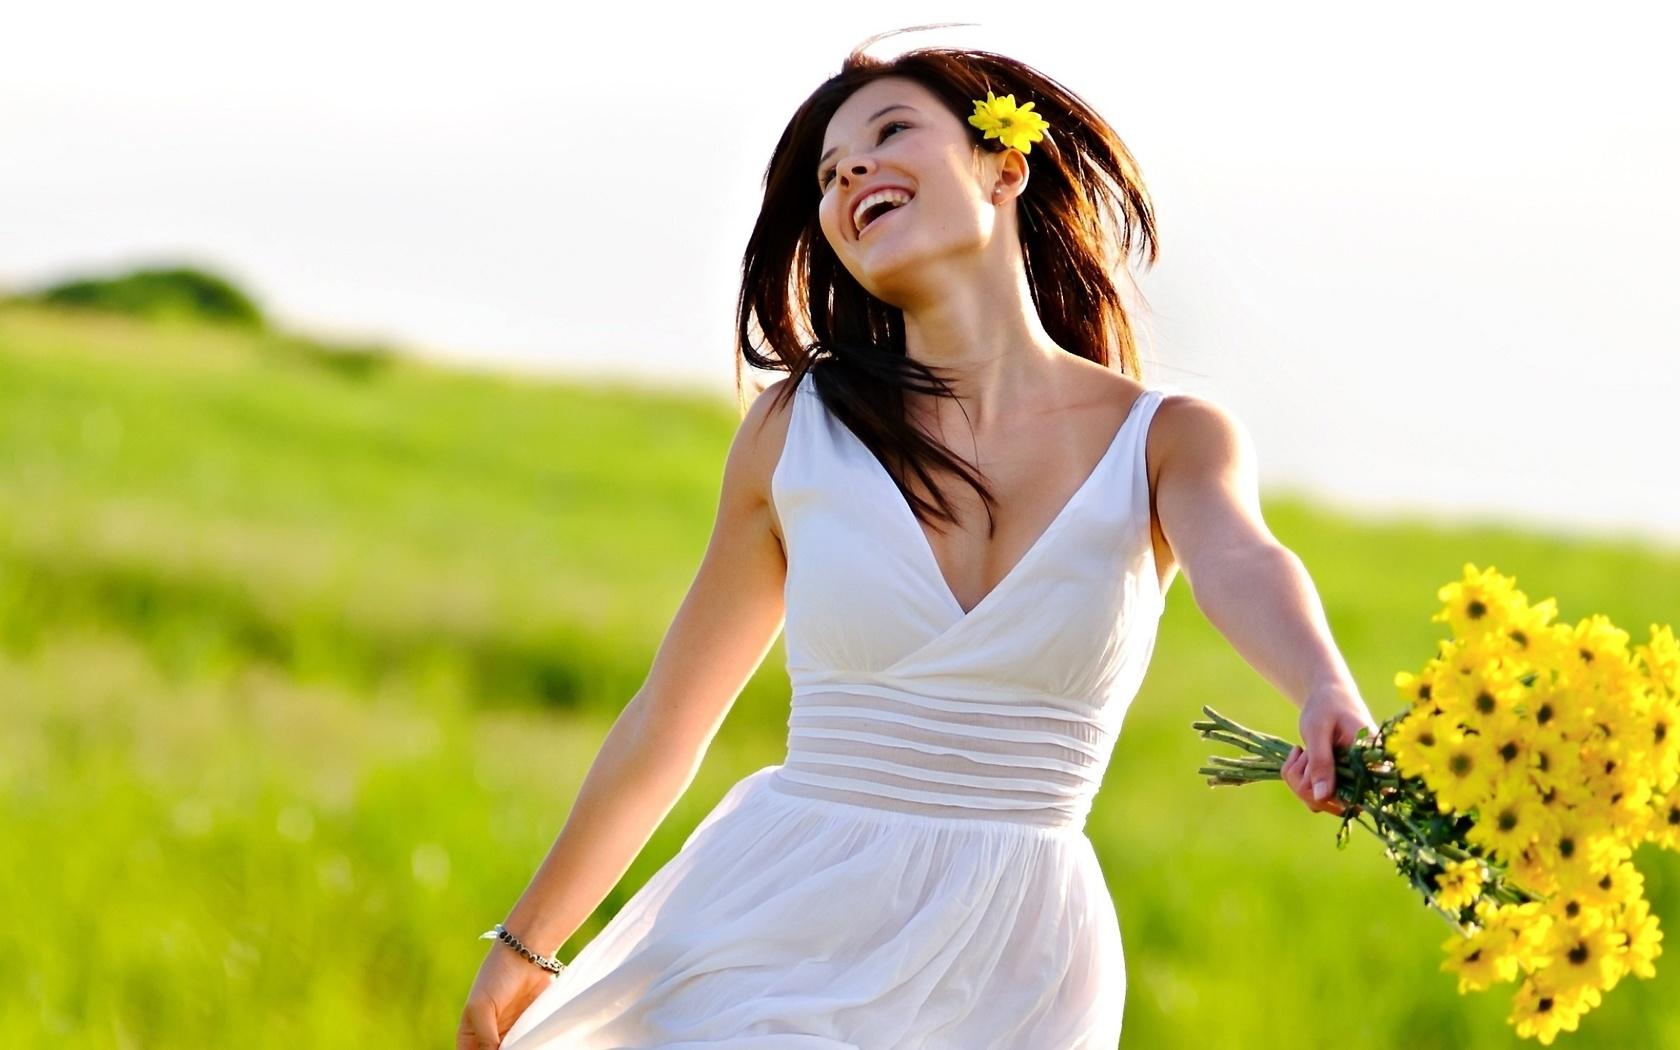 Обаяние: что это такое и 8 способов как стать обаятельным